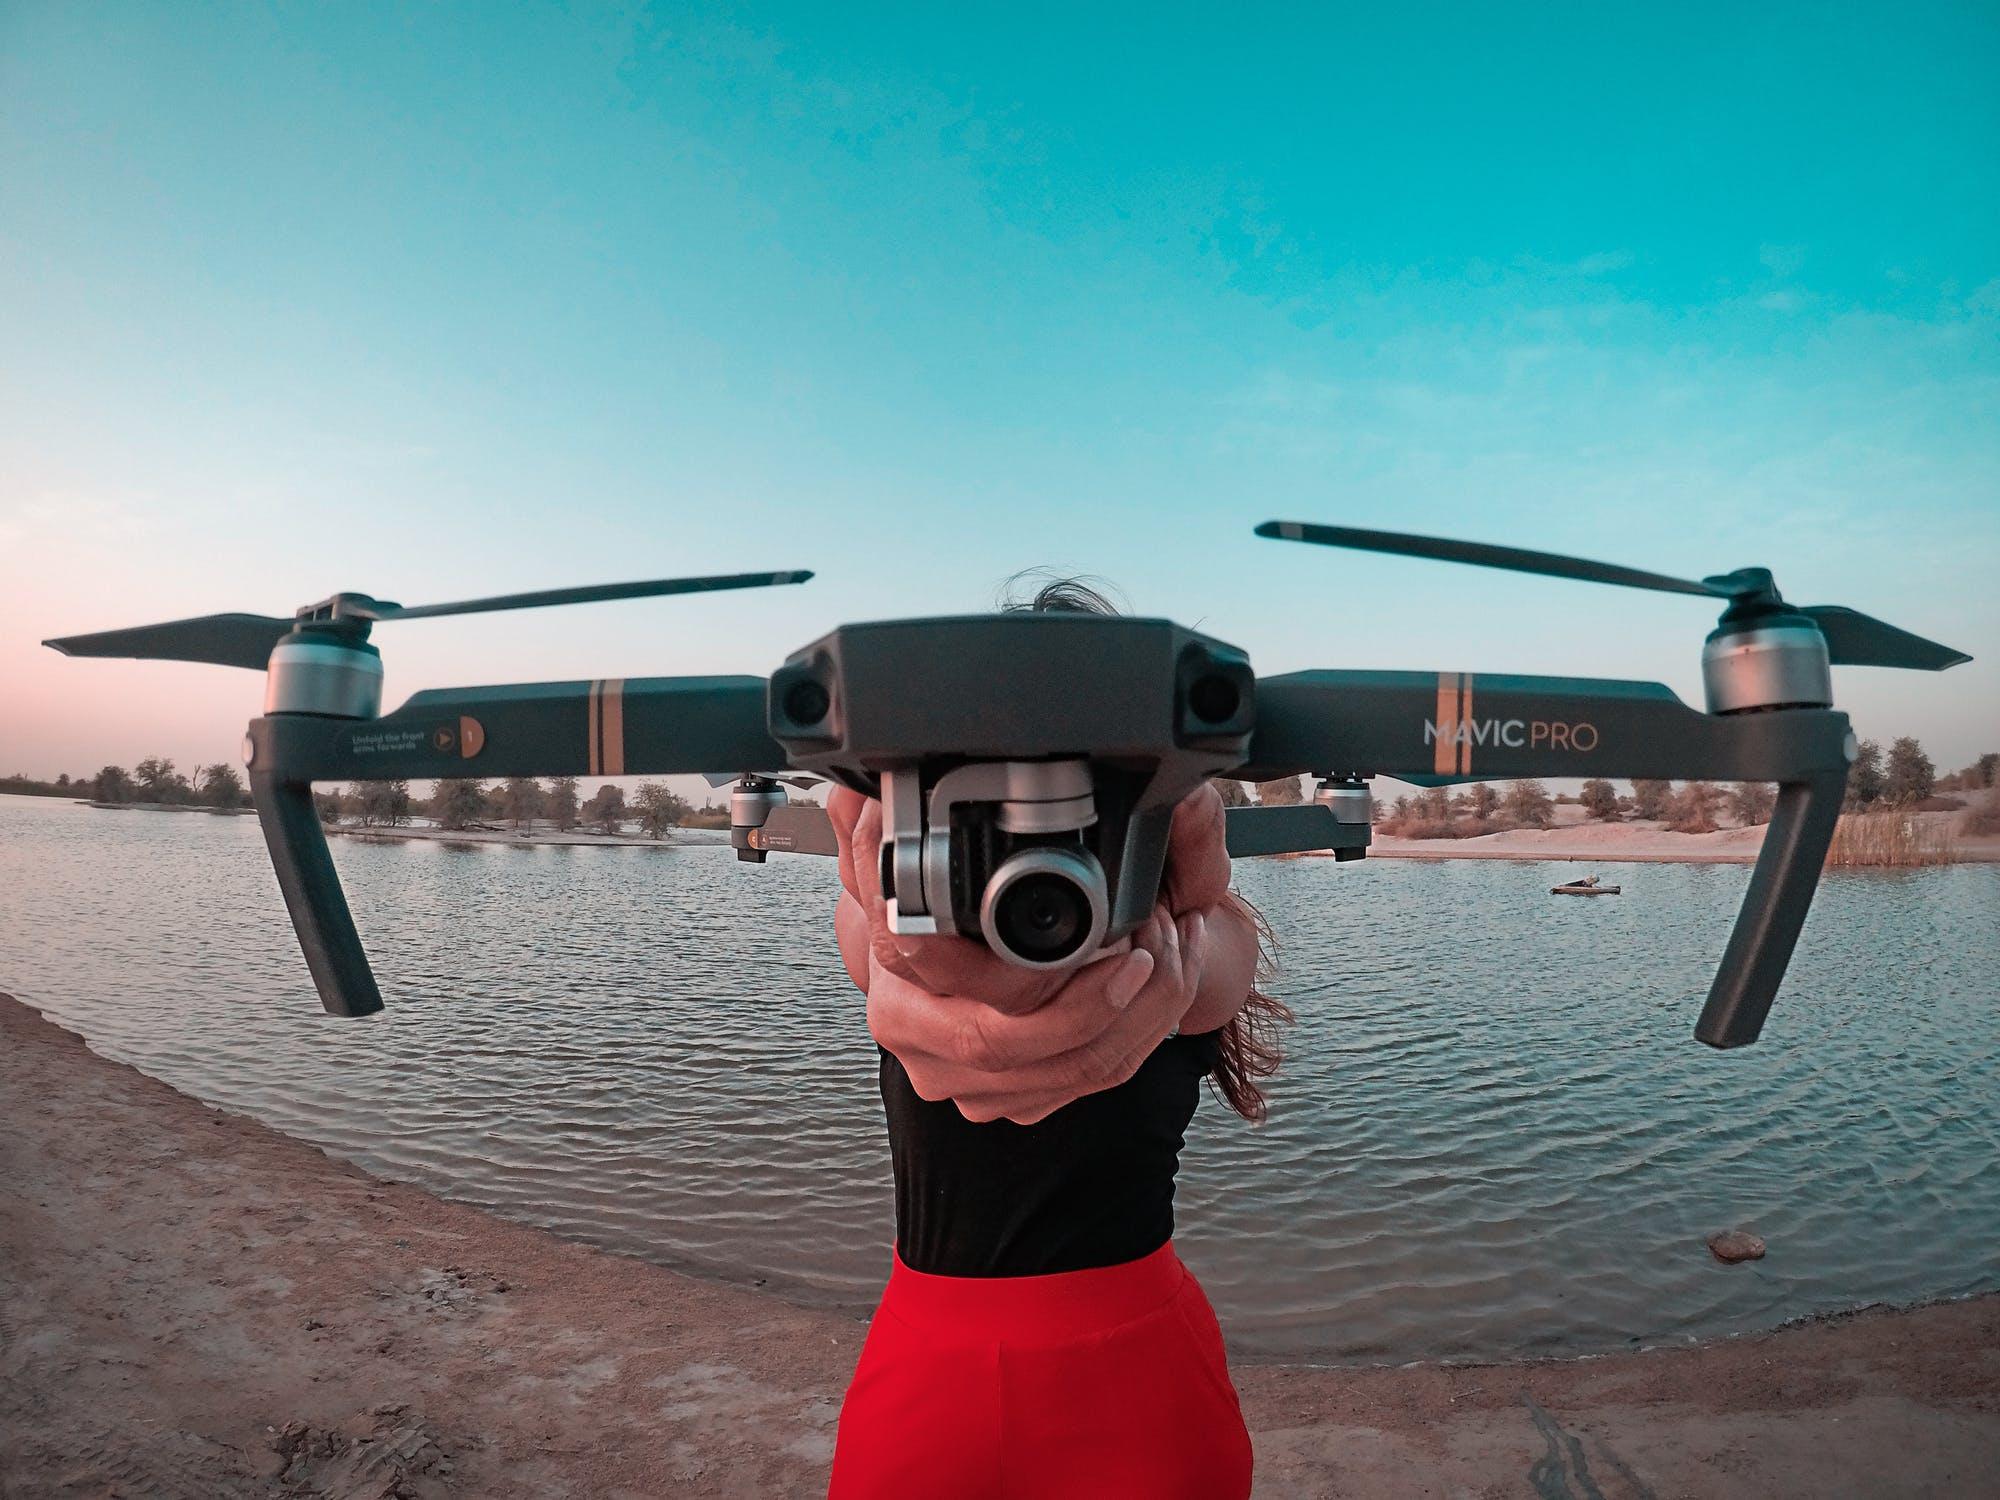 Tag de vildeste billeder med en drone med kamera